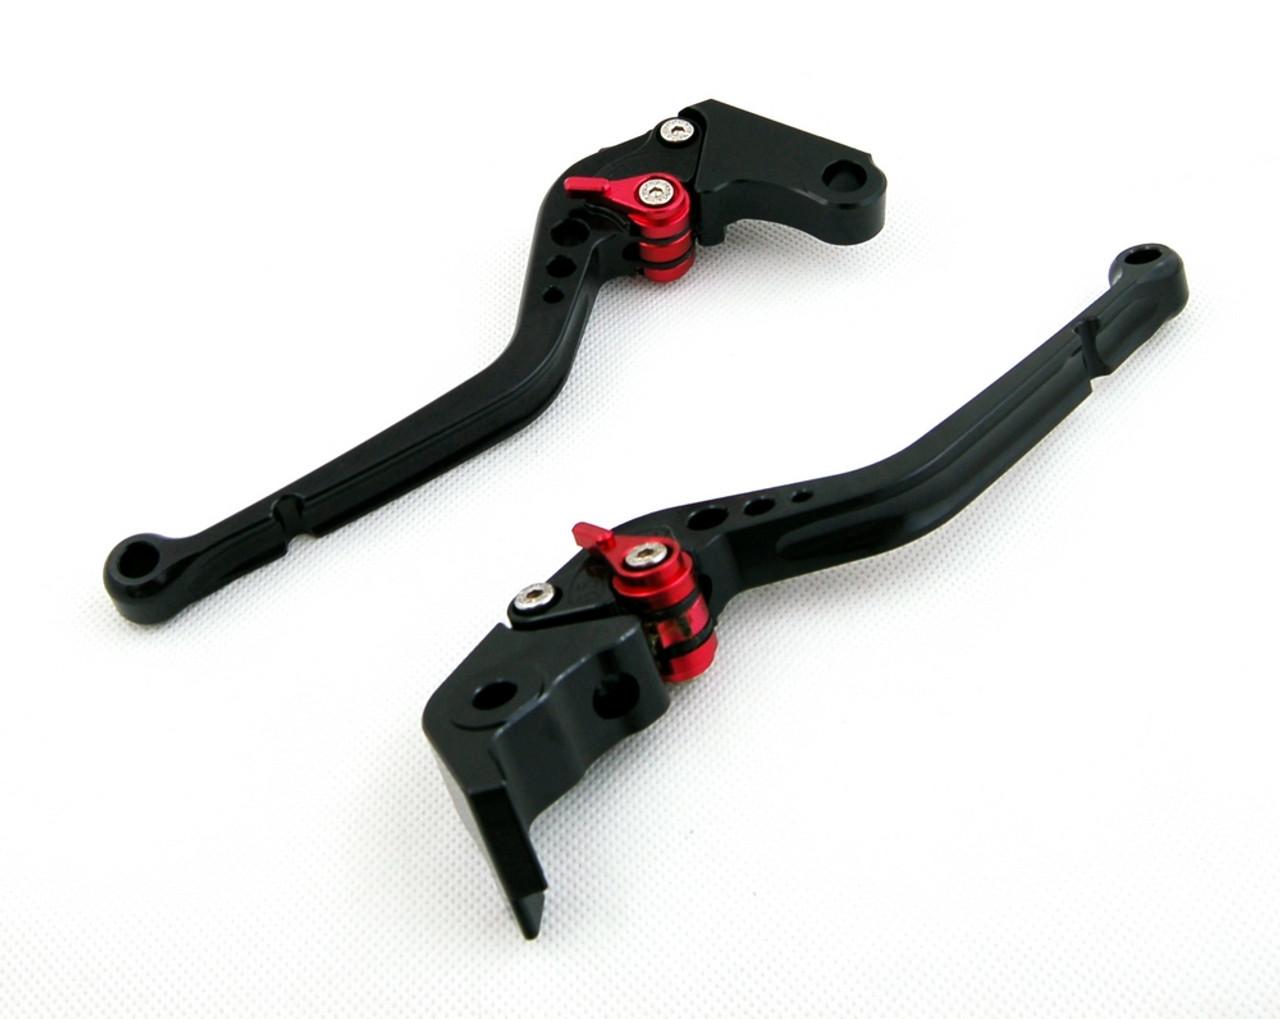 Brake Clutch Levers For Yamaha FAZER/GT FZ6R FZ8 XJ6 FZ6-Fazer/S2 Black